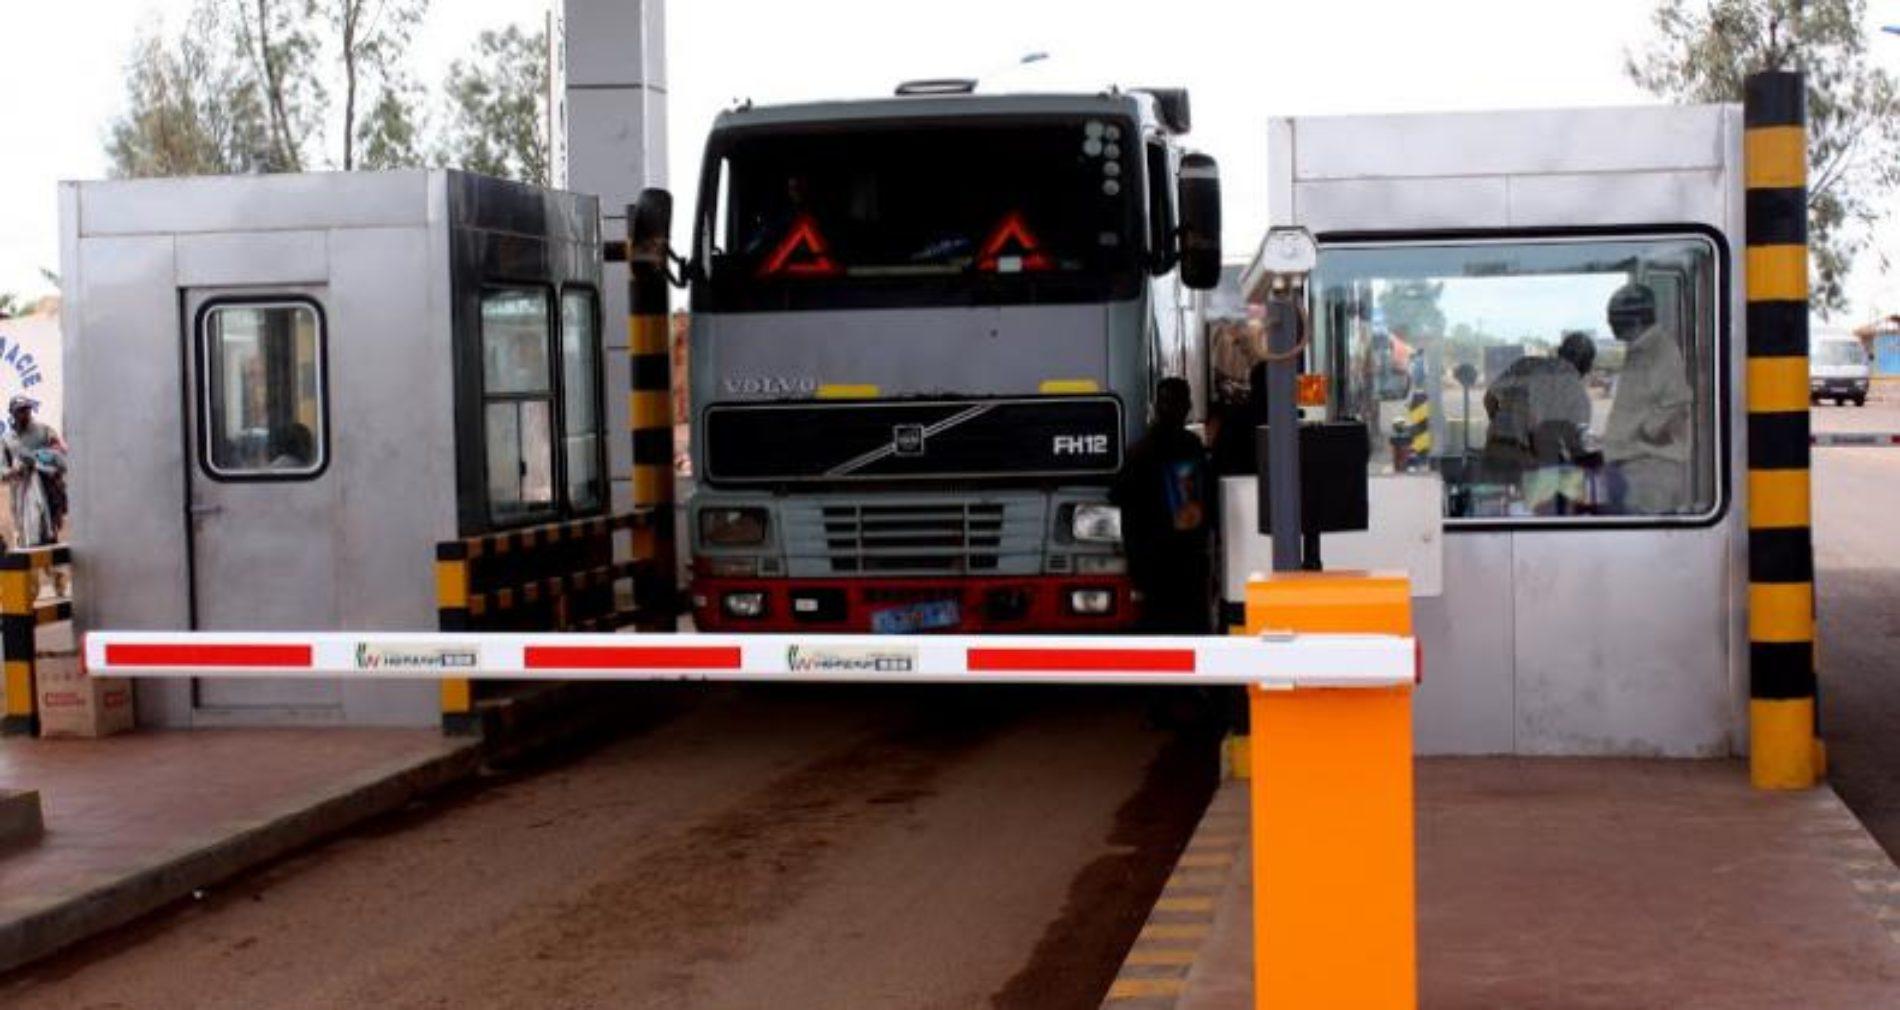 Transports : l'automatisation des péages routiers pour augmenter les recettes